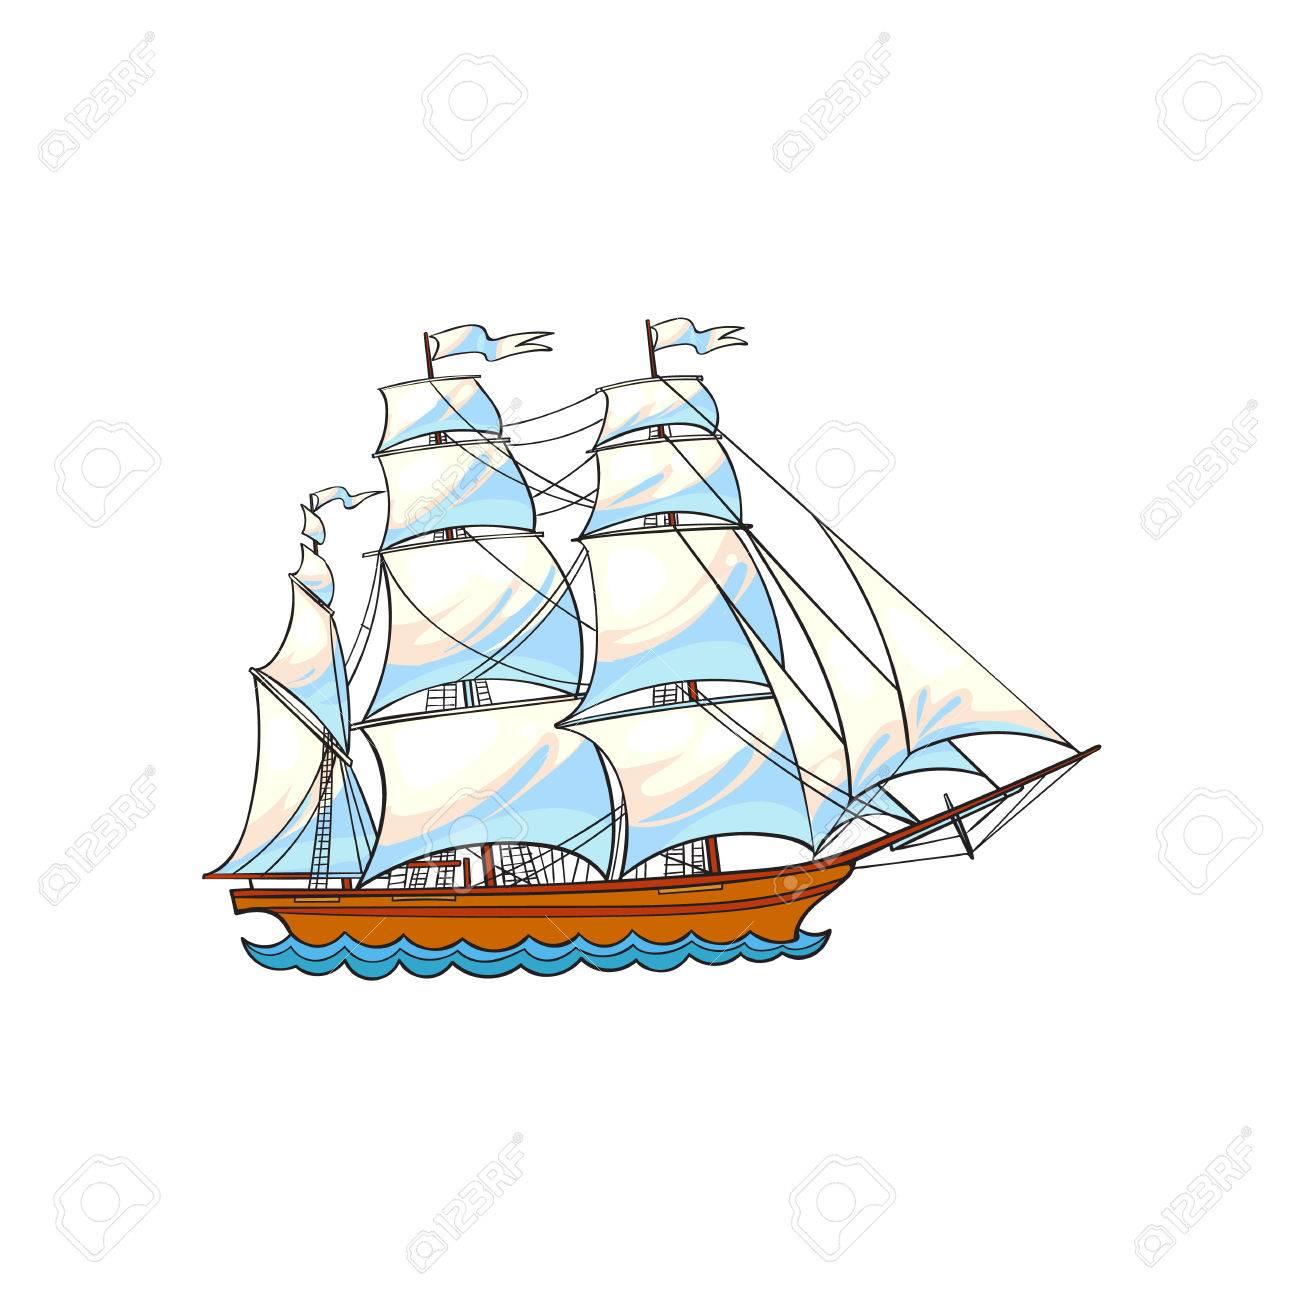 beautiful sailing ship sailboat hand drawn sketch style cartoon